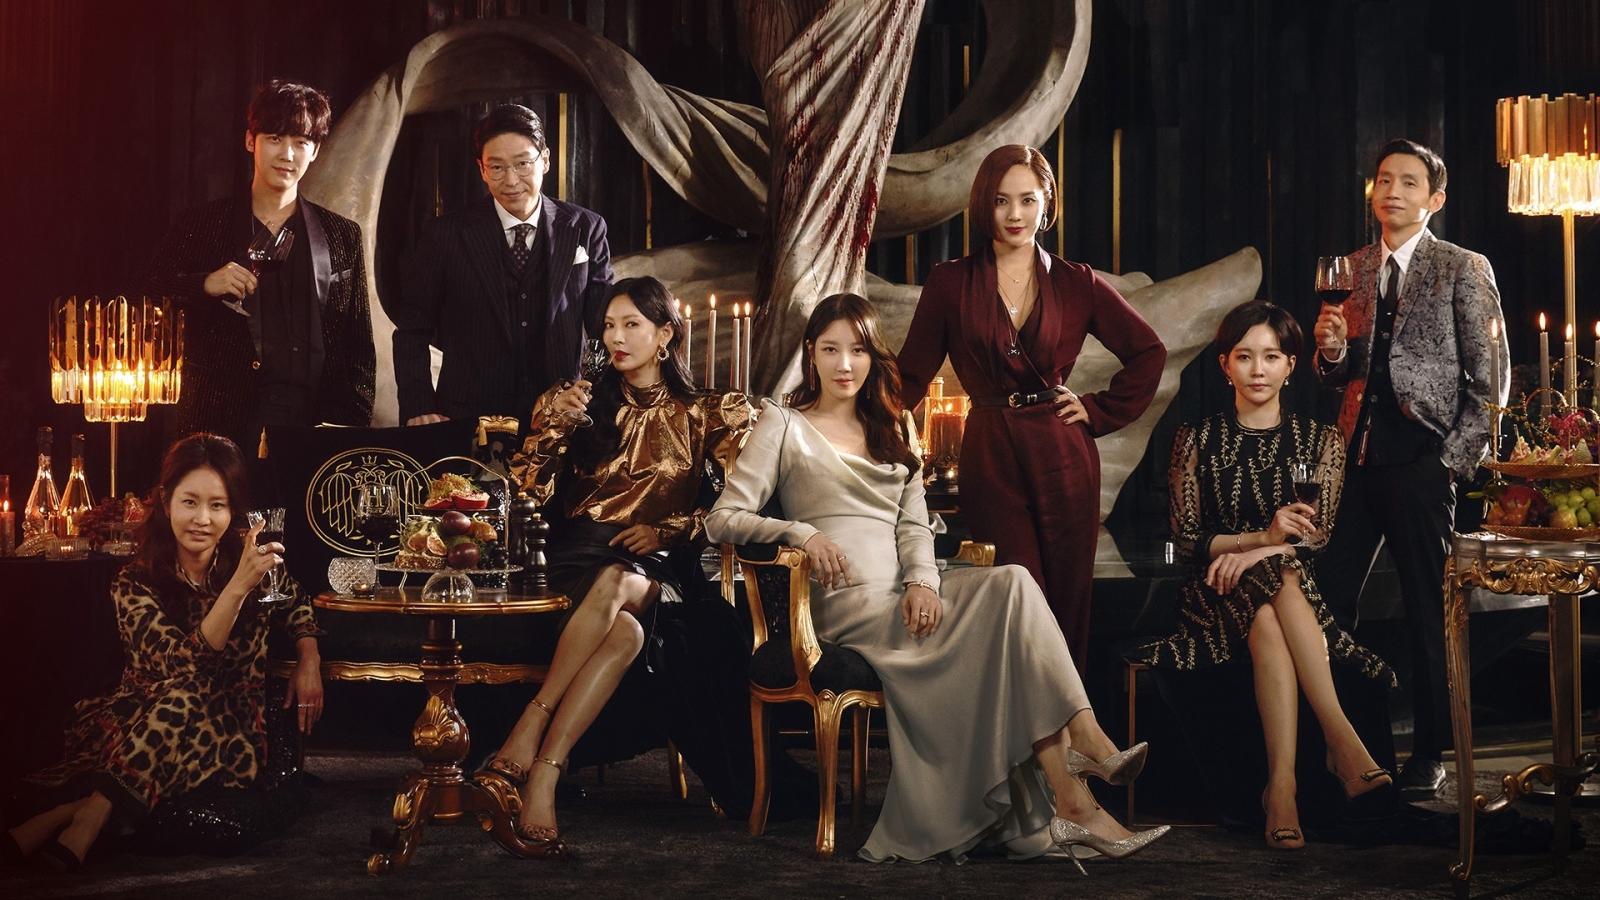 """Siêu phẩm truyền hình """"Penthouse"""" chính thức cán mốc rating kỷ lục 24%"""